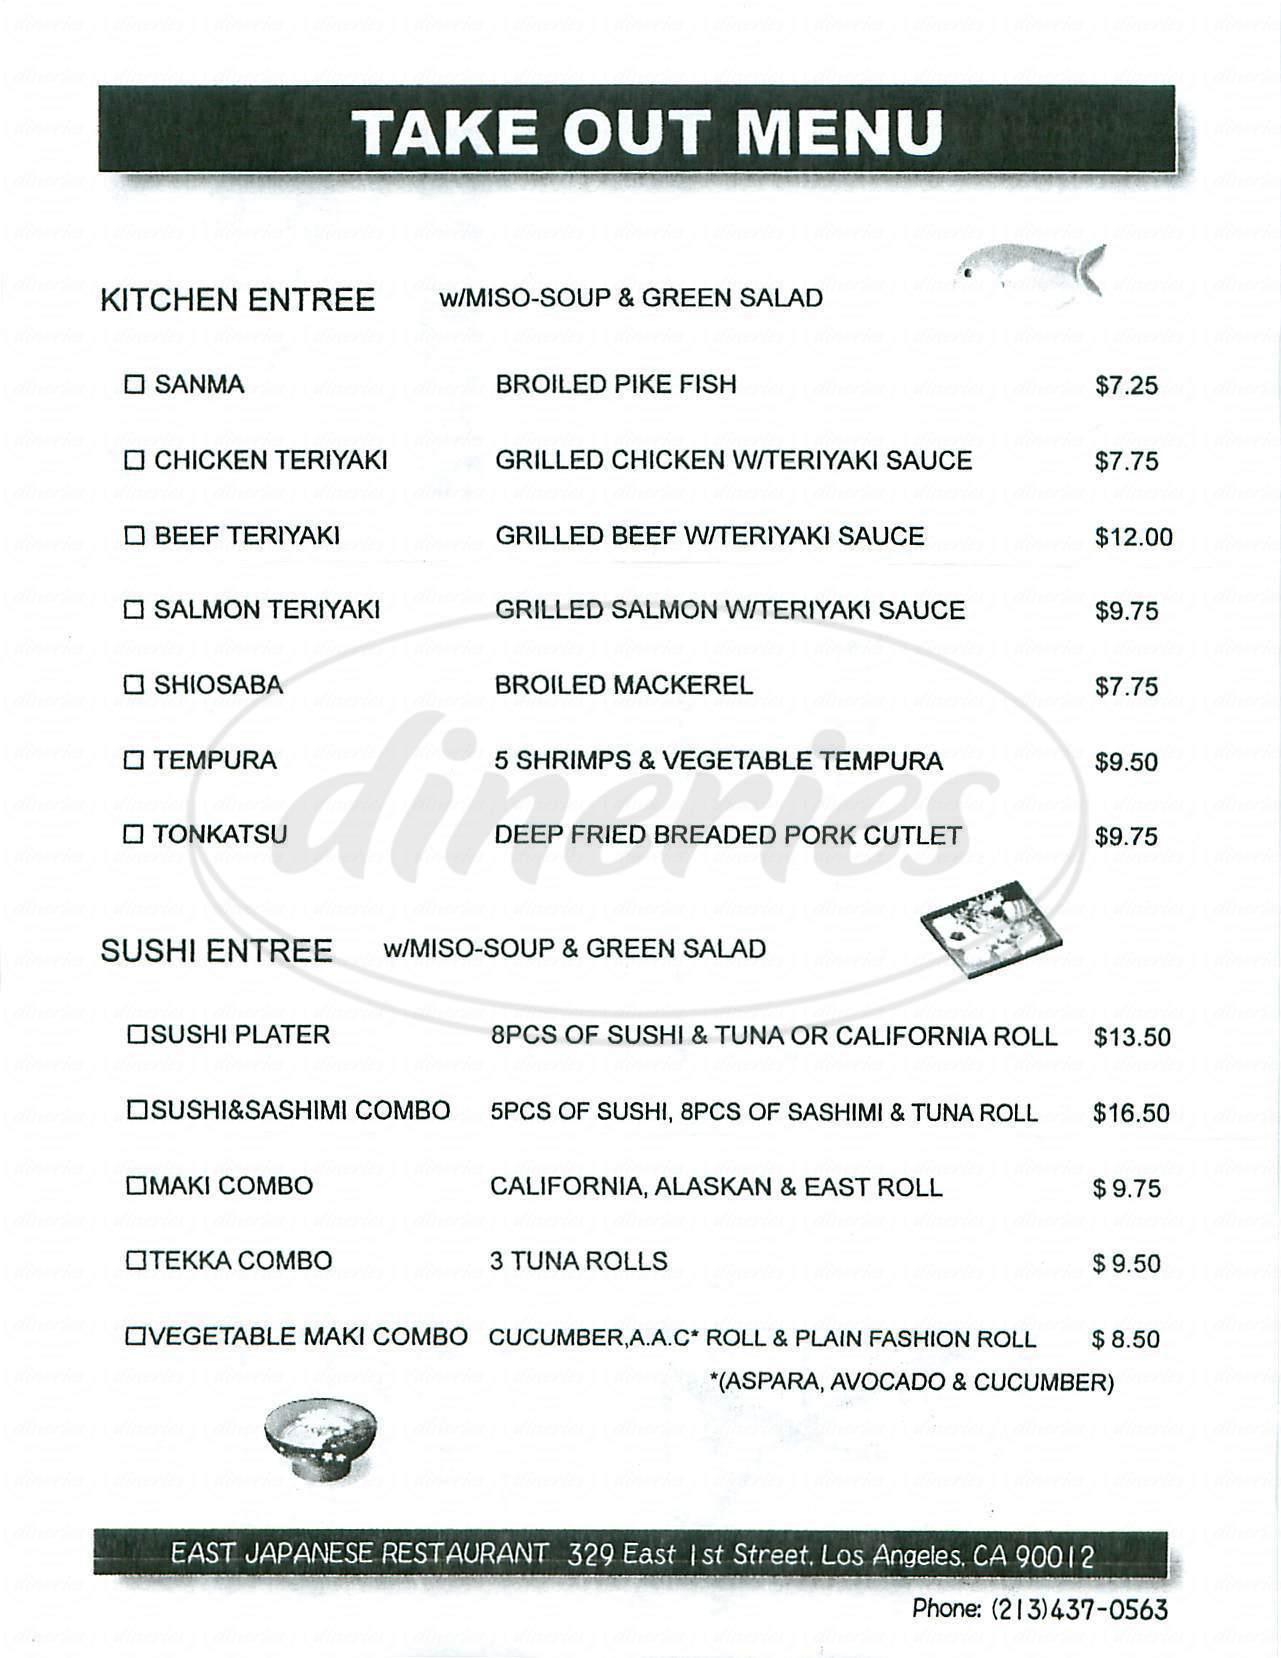 menu for East Japanese Restaurant